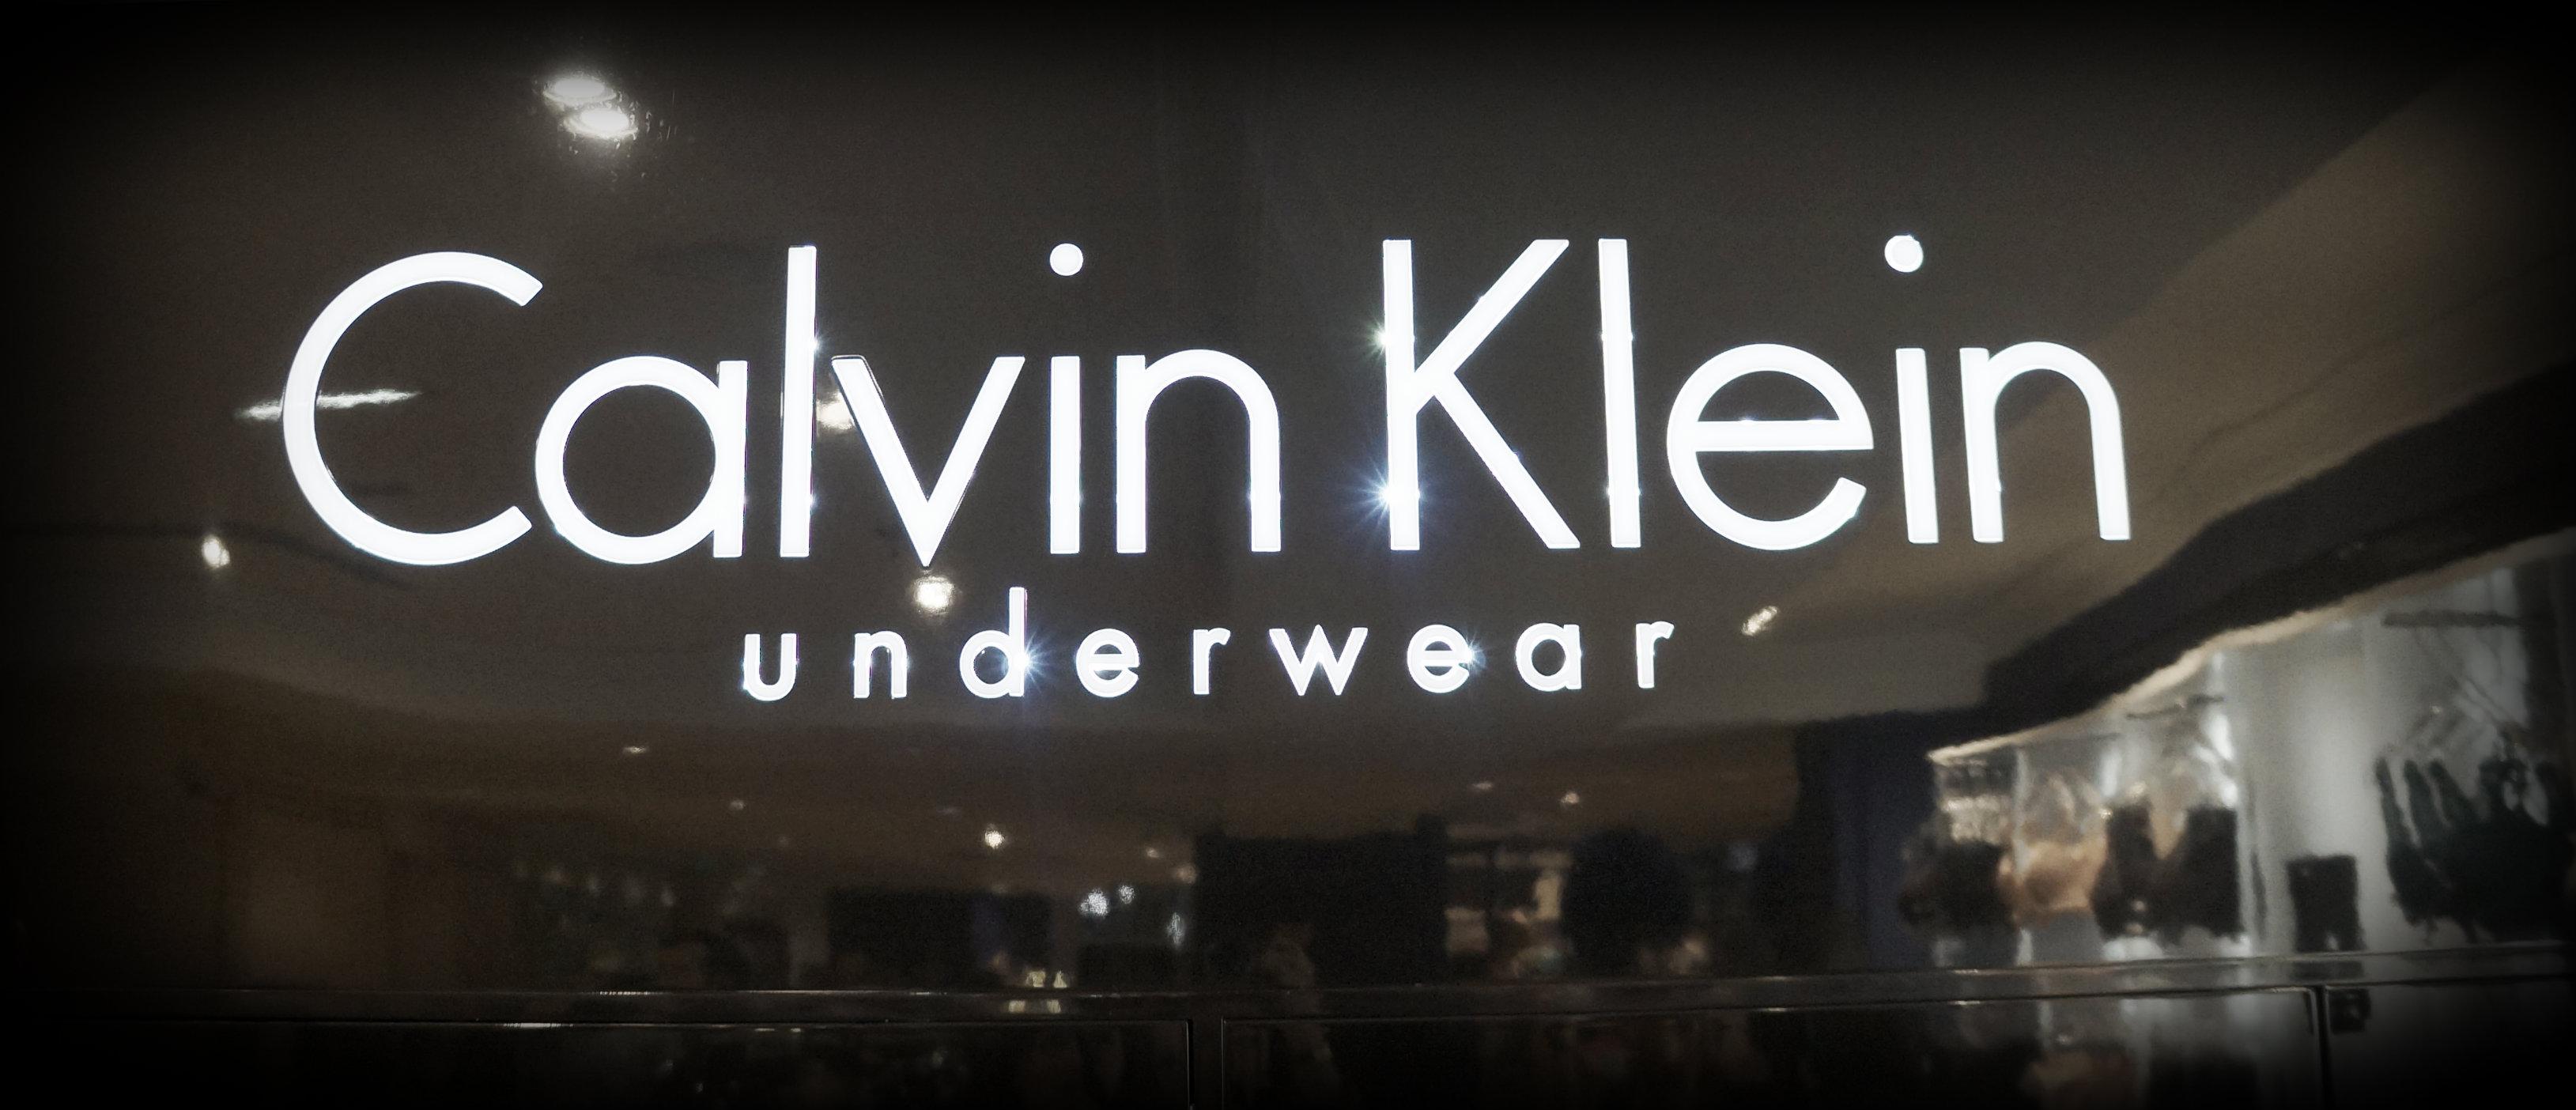 Une manucure express offerte par Calvin Klein aux Galeries Lafayette